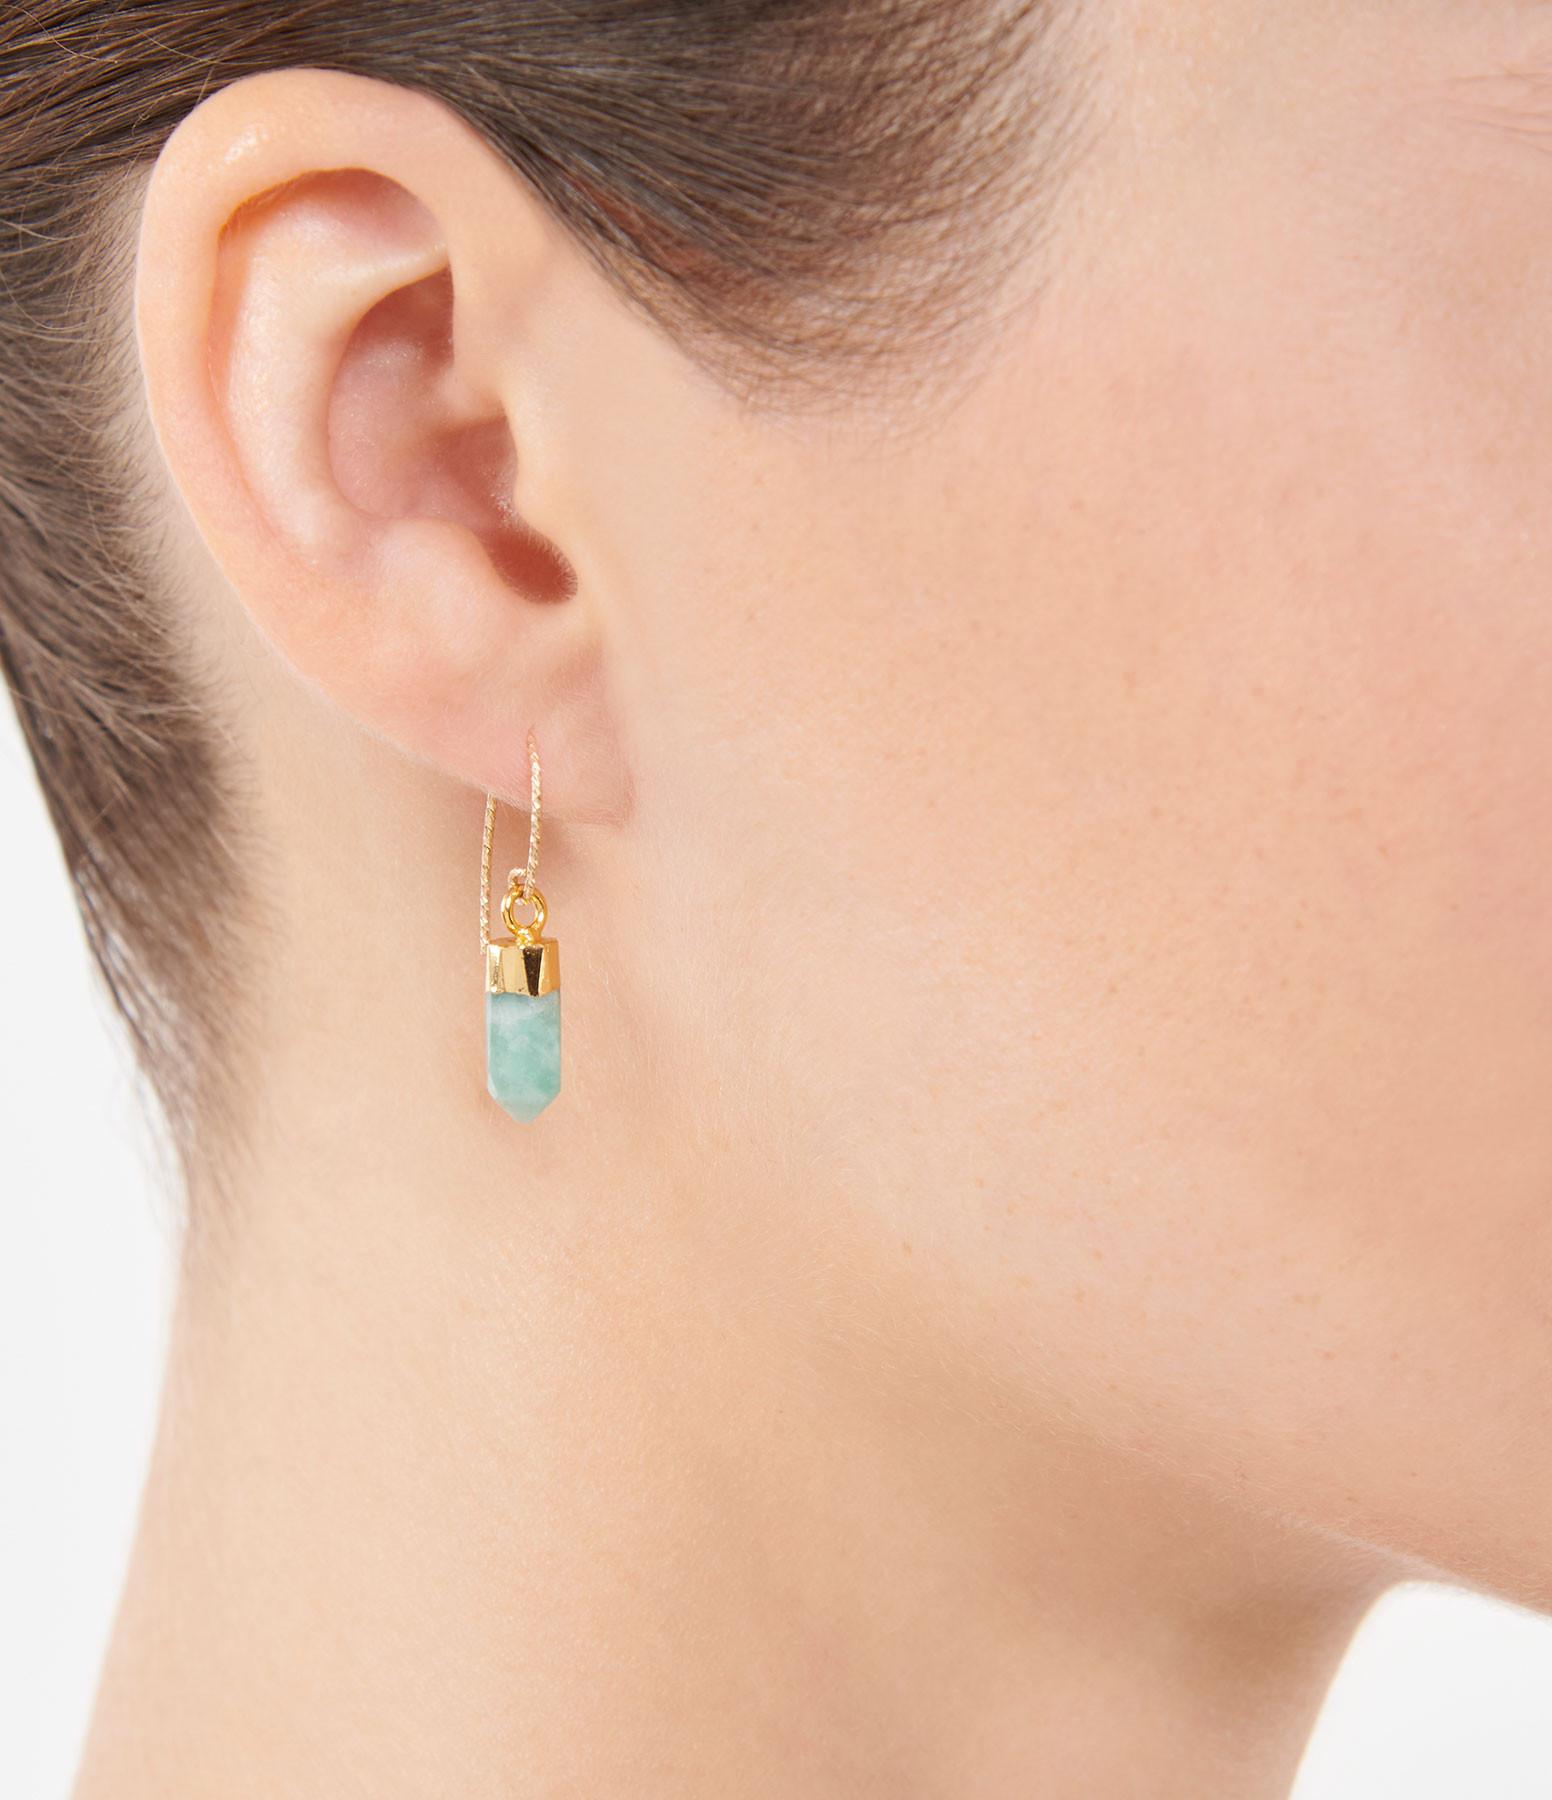 MON PRECIEUX GEM - Boucle d'oreille Rocher Roucas Amazonite (vendue à l'unité)